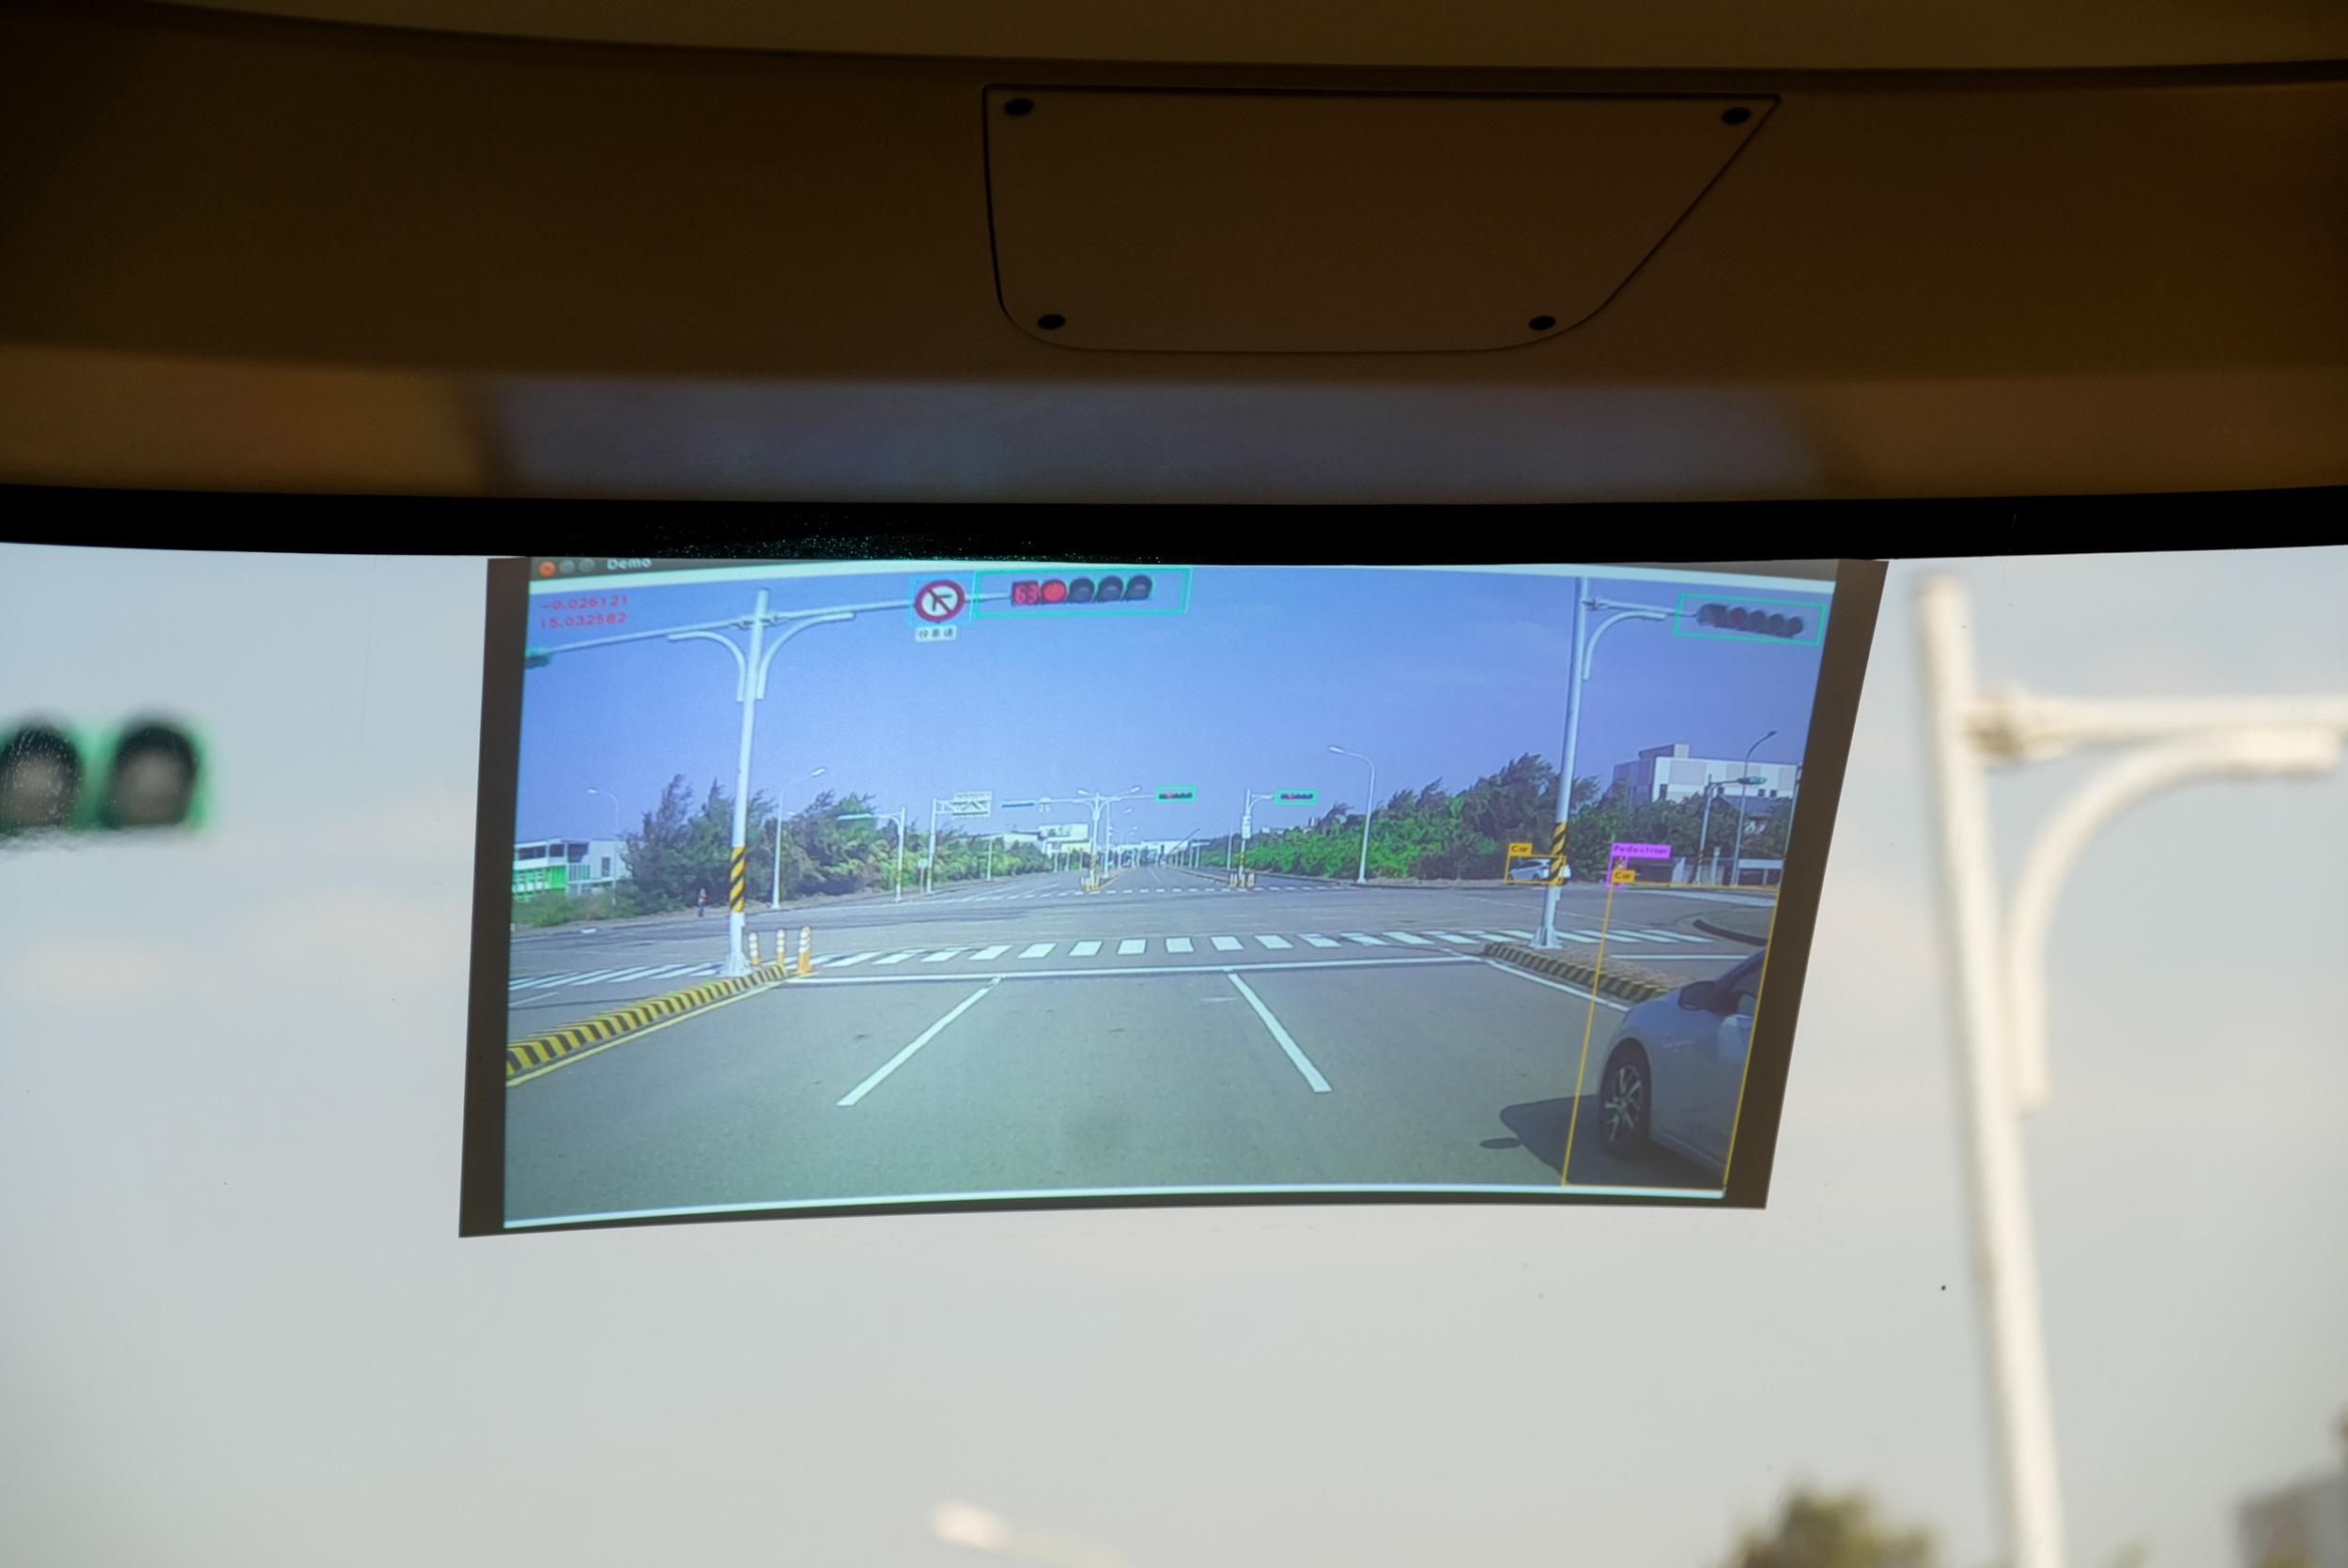 WinBus自駕觀光首航,開啟智慧交通新篇章!   SUPERMOTO8